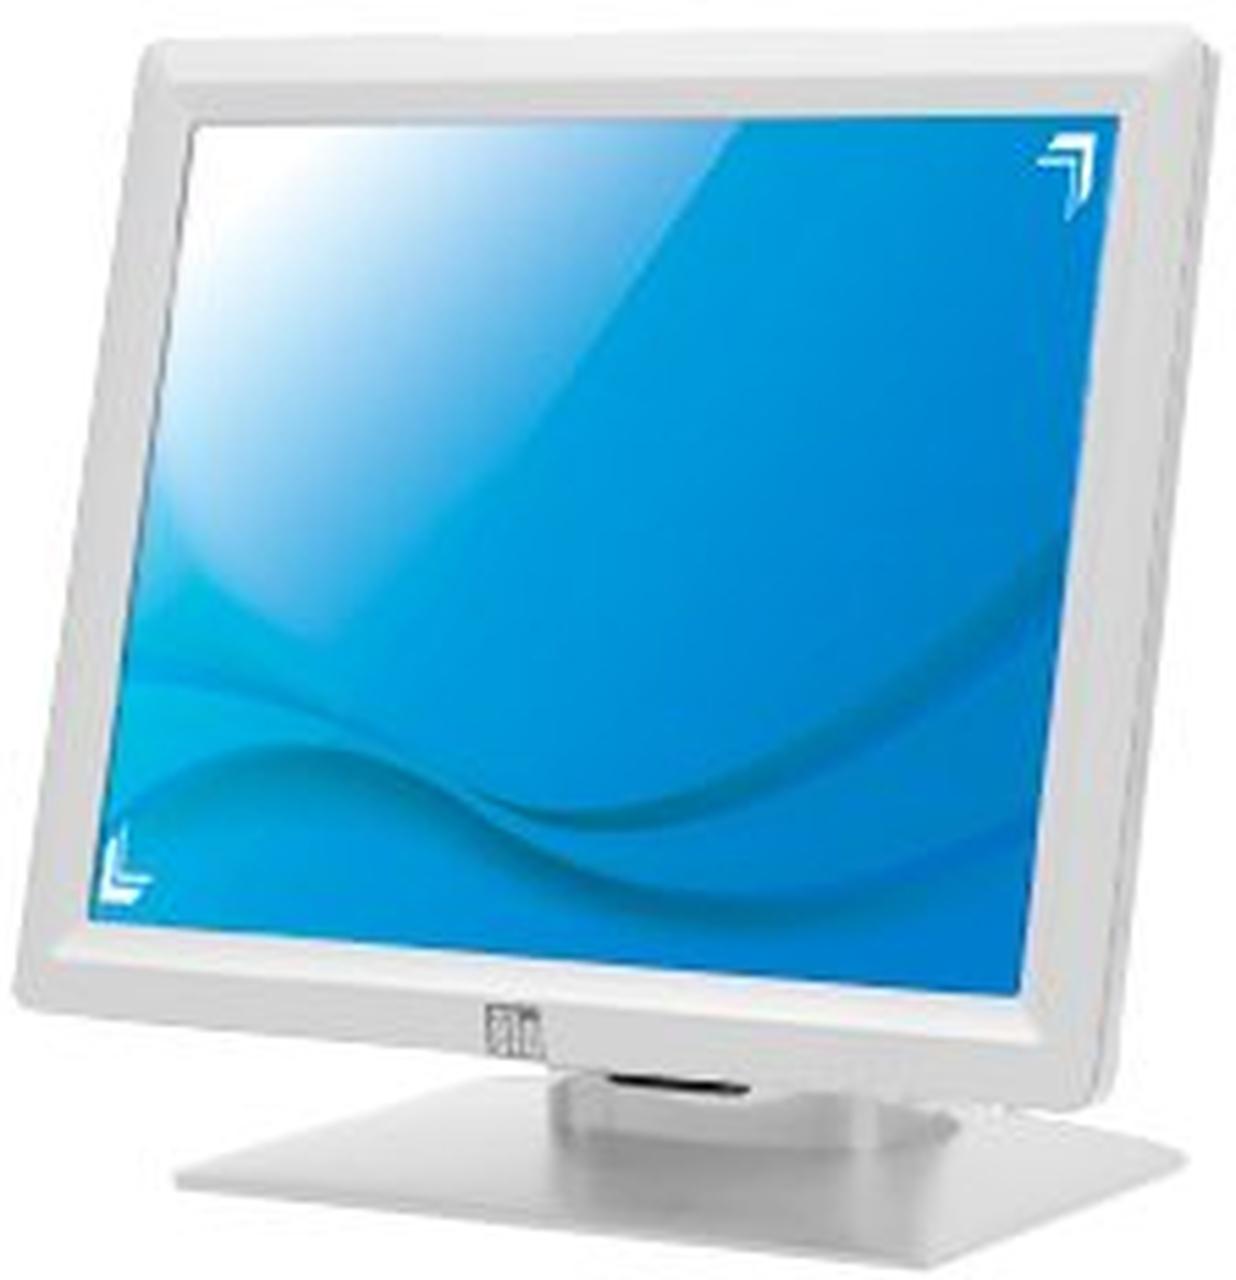 """Dotykový monitor 15"""" Elo ET1517L - zánovní Barva: Bílá, Rozhraní: USB, dotyková technologie: Rezistivní ( Accutouch ), Rámeček: ZB (bez vystouplého…"""